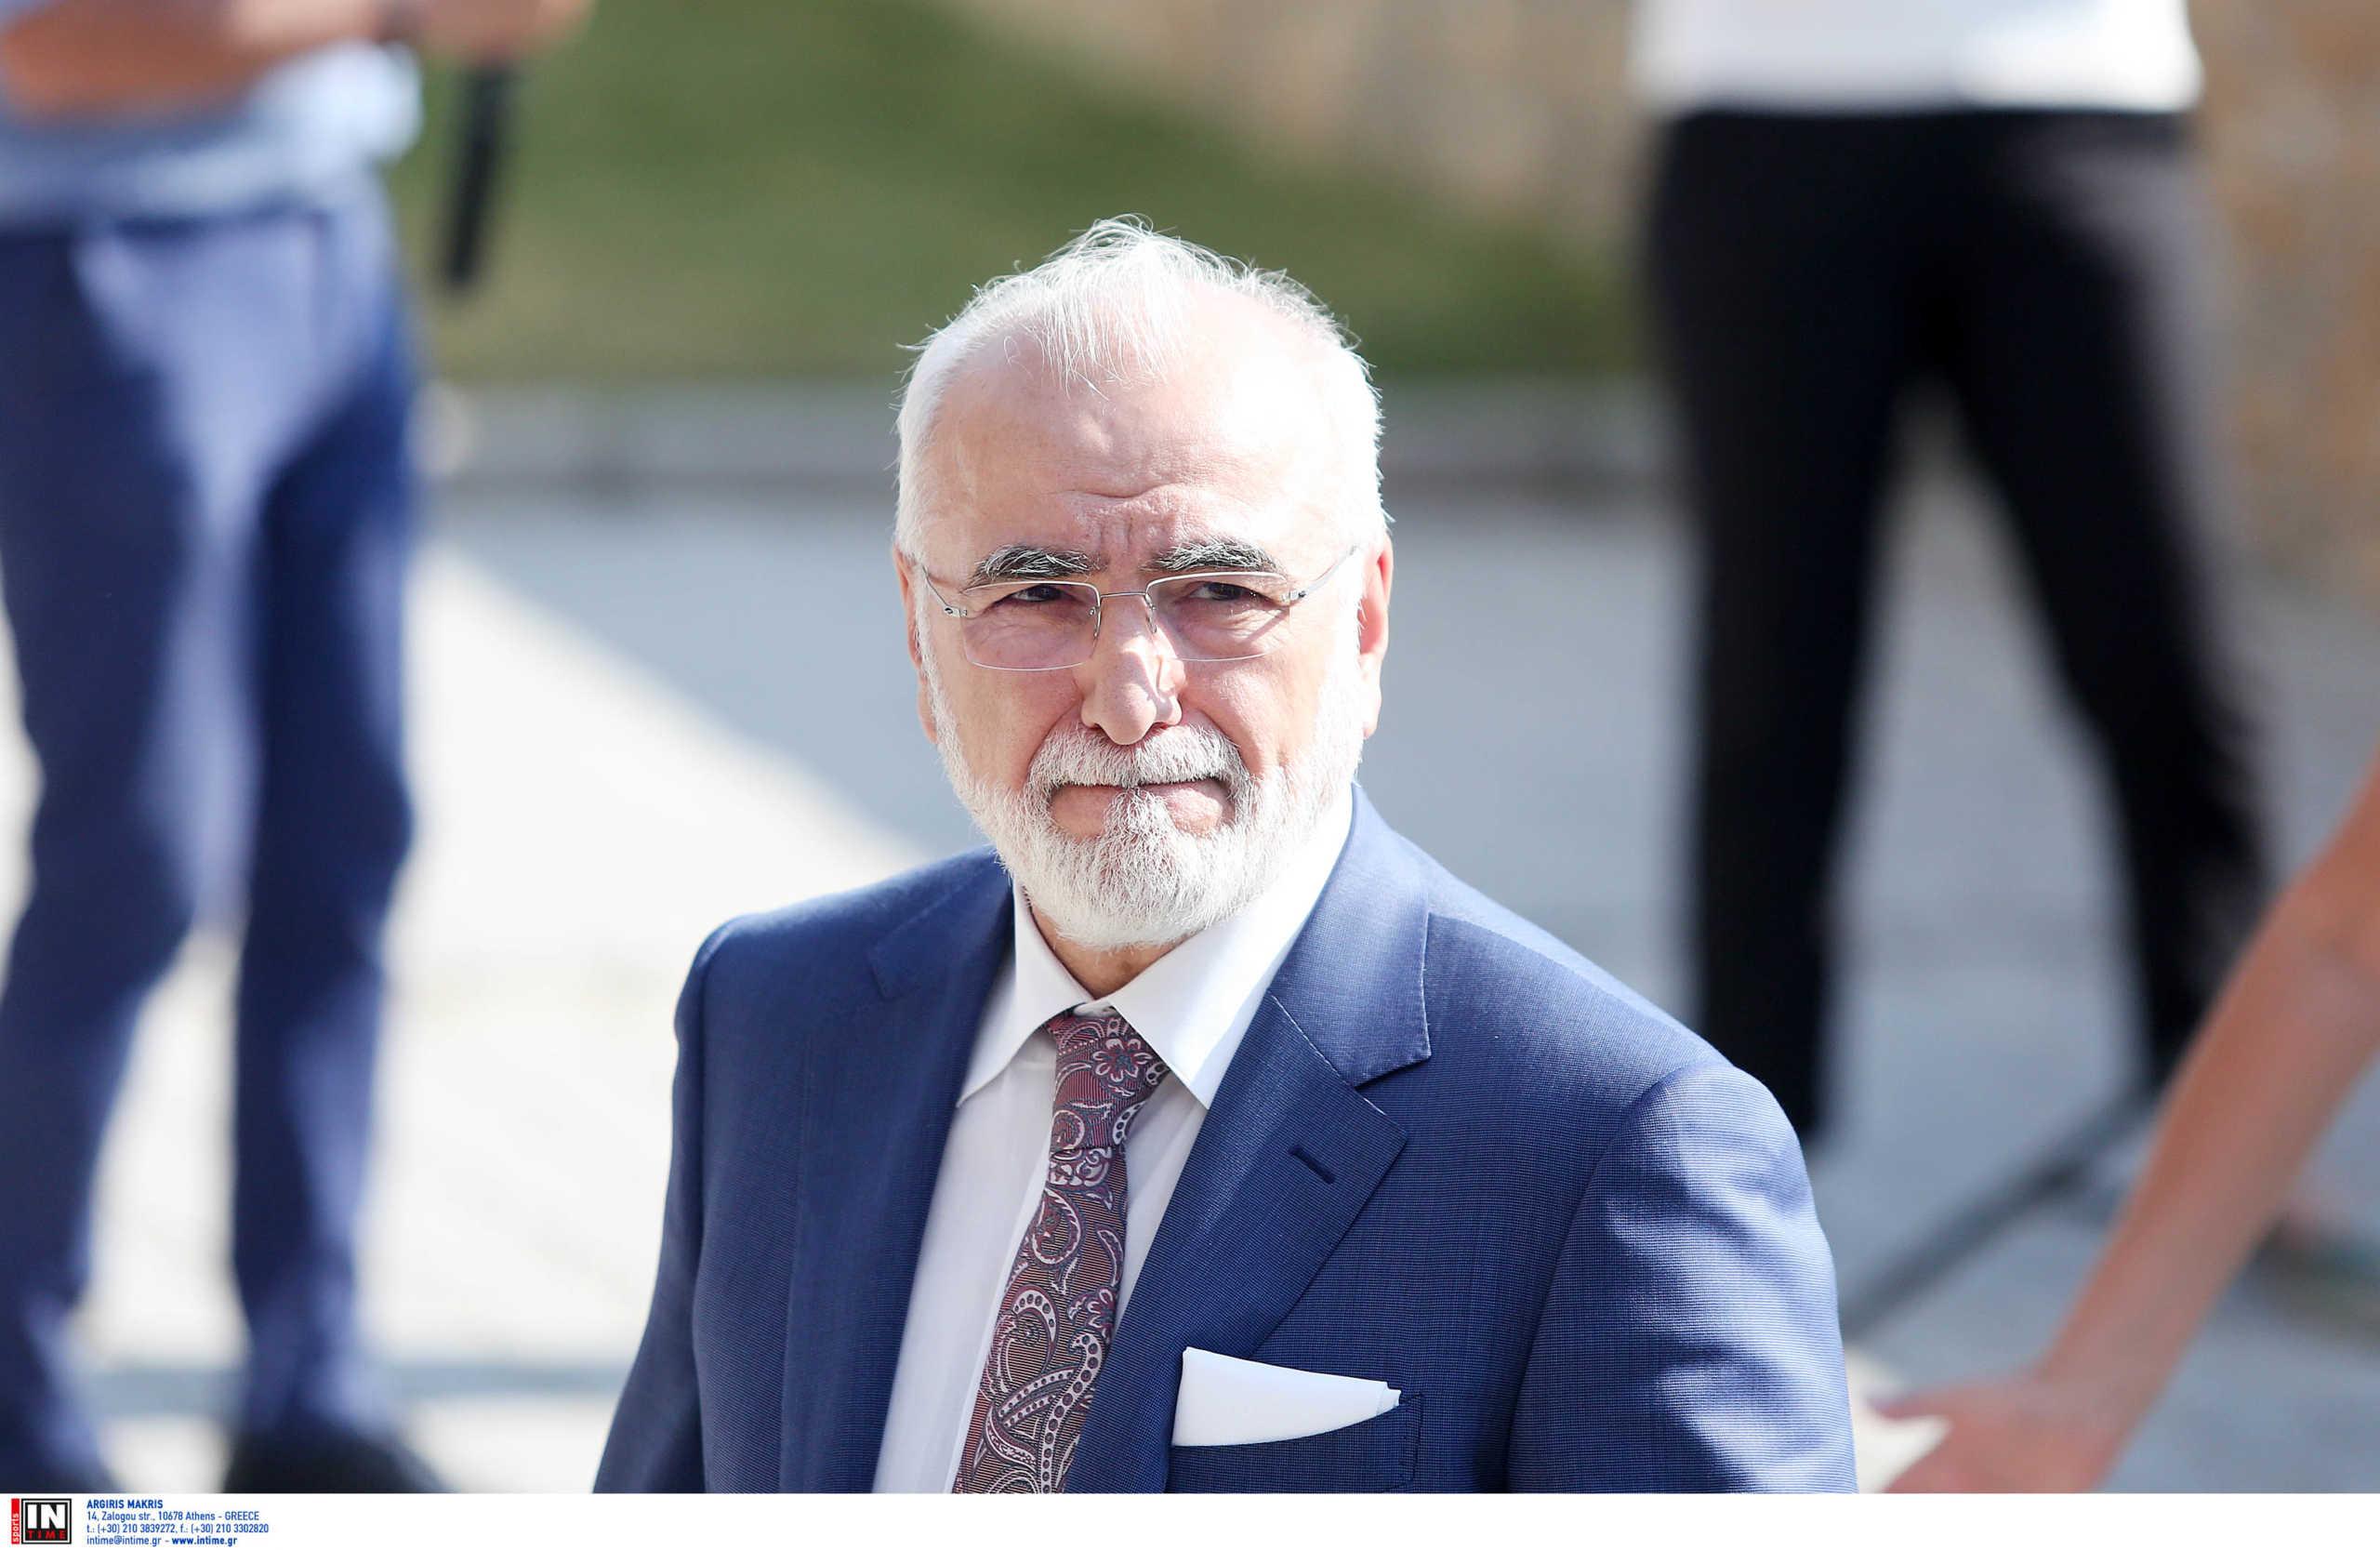 ΠΑΟΚ – Μπεσίκτας: Το μήνυμα του Σαββίδη στον πρόεδρο των Τούρκων